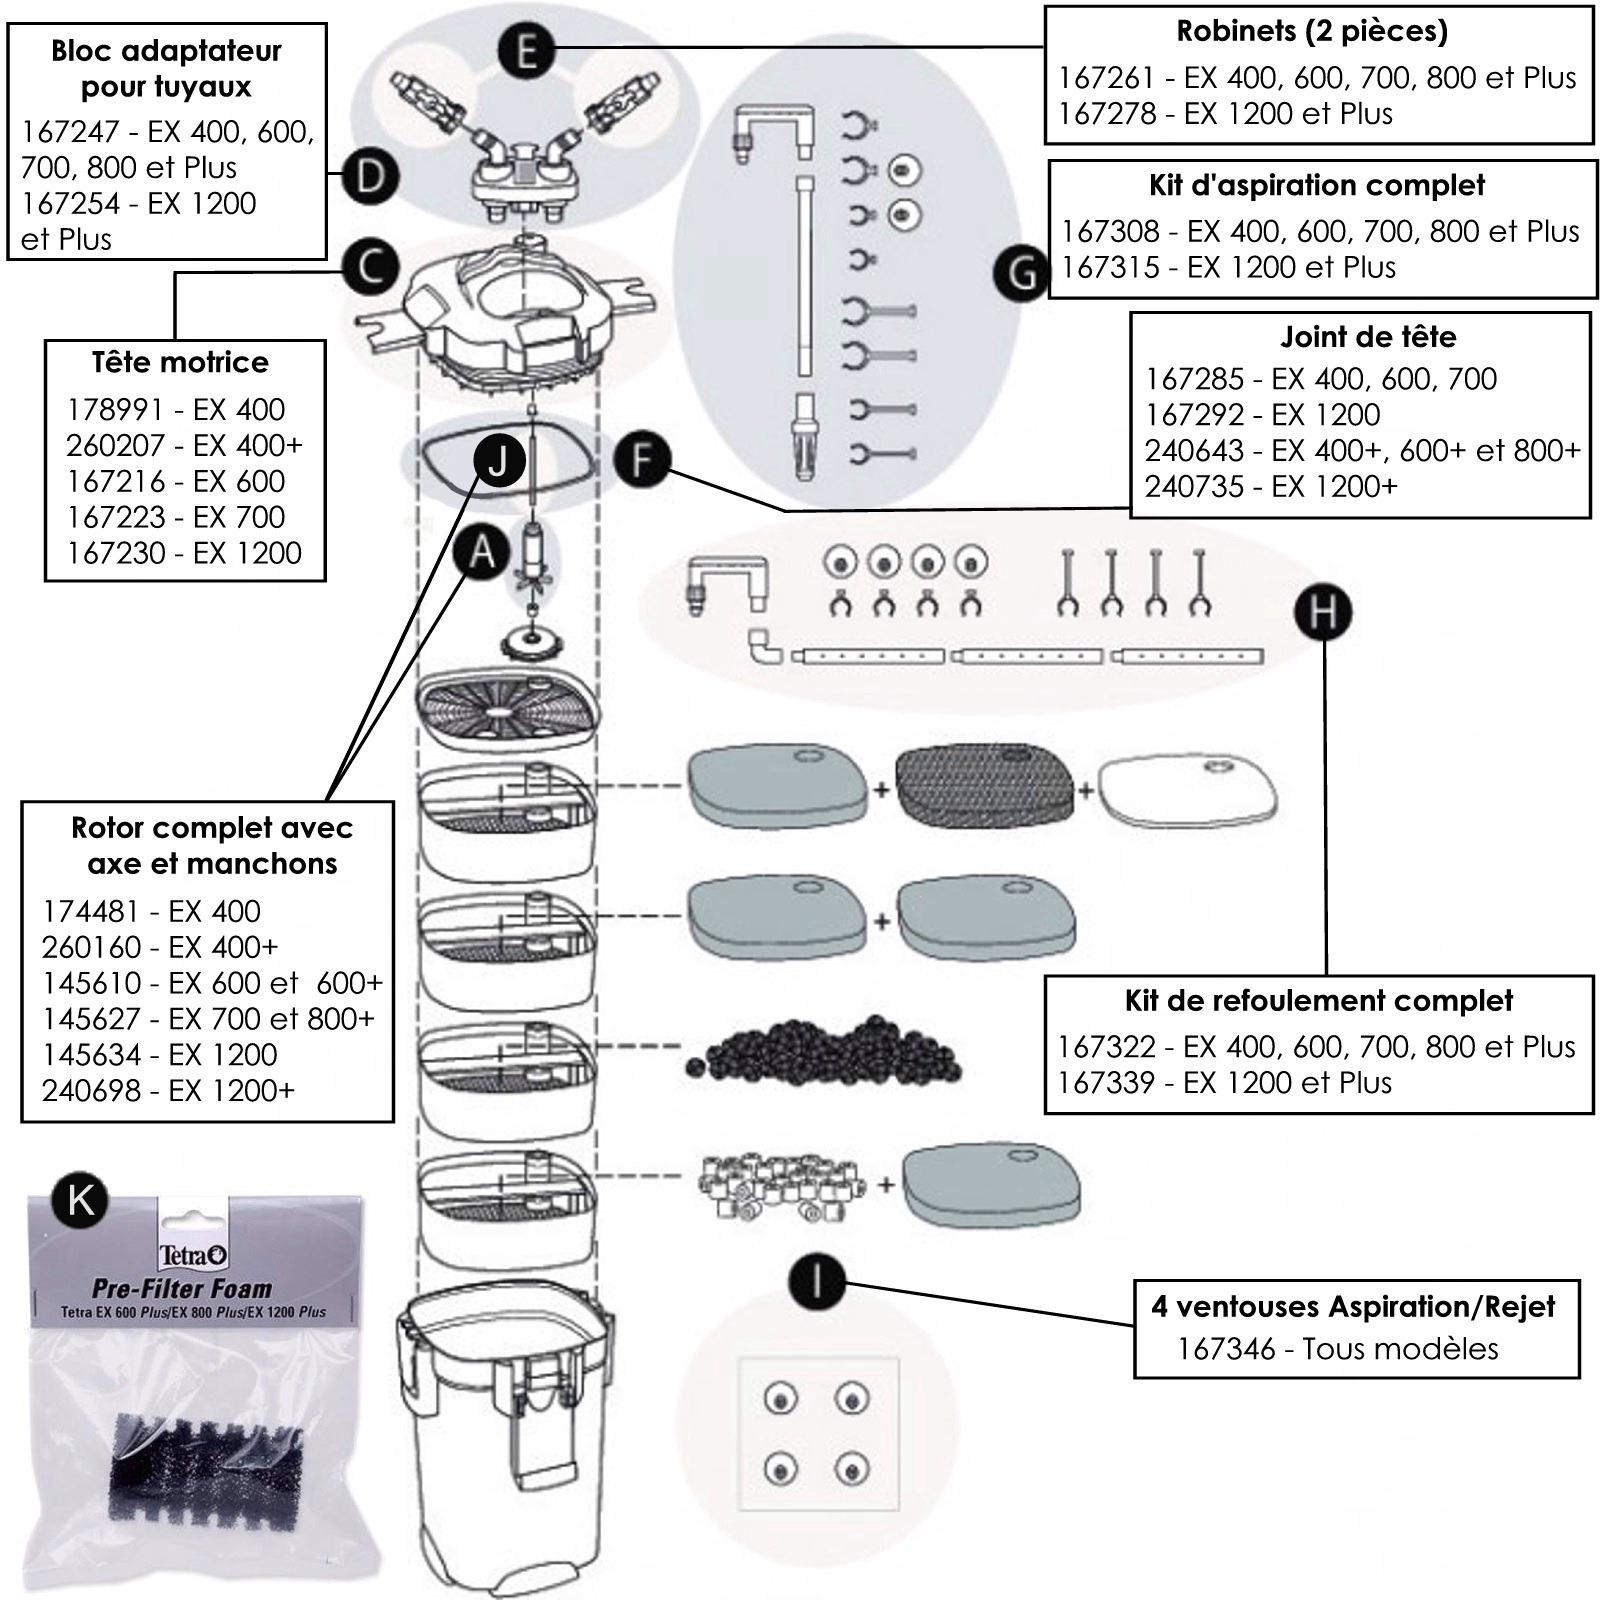 Pièces détachées pour filtres externes TETRA EX 400, 600, 700, 800 et 1200